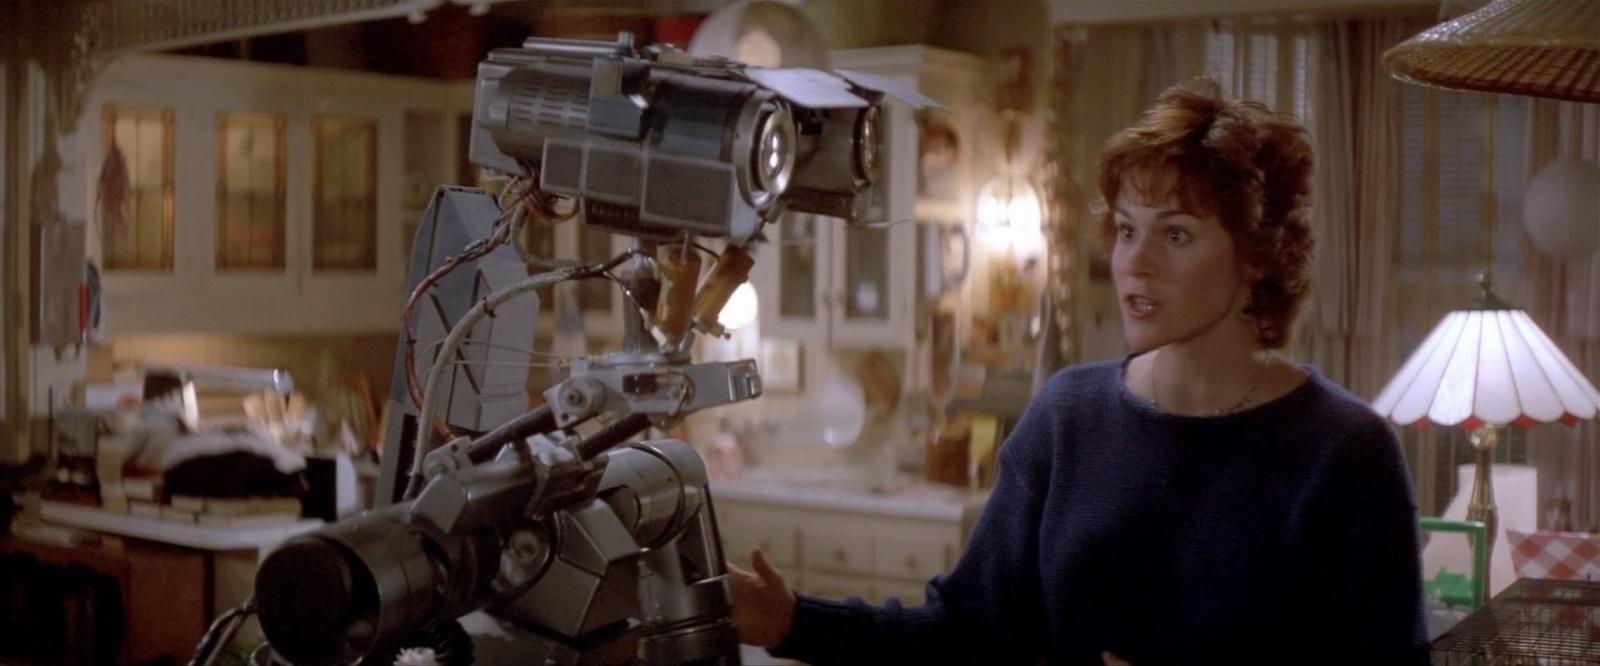 Свой Bot за несколько часов, или поговорим о пиве с машиной - 1